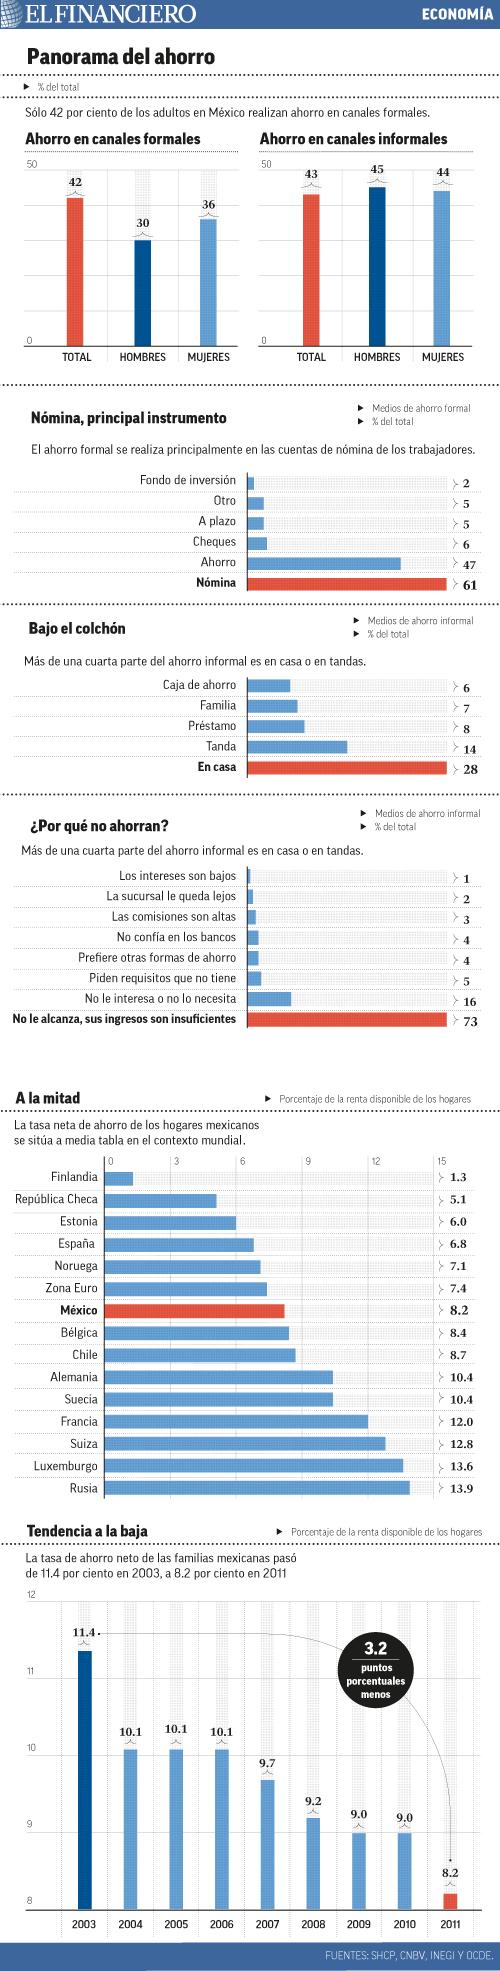 """""""solo_42_por_ciento_de_los_adultos_en_mexico_realizan_ahorro_en_cuentas_formales""""title=""""panorama_del_ahorro"""""""